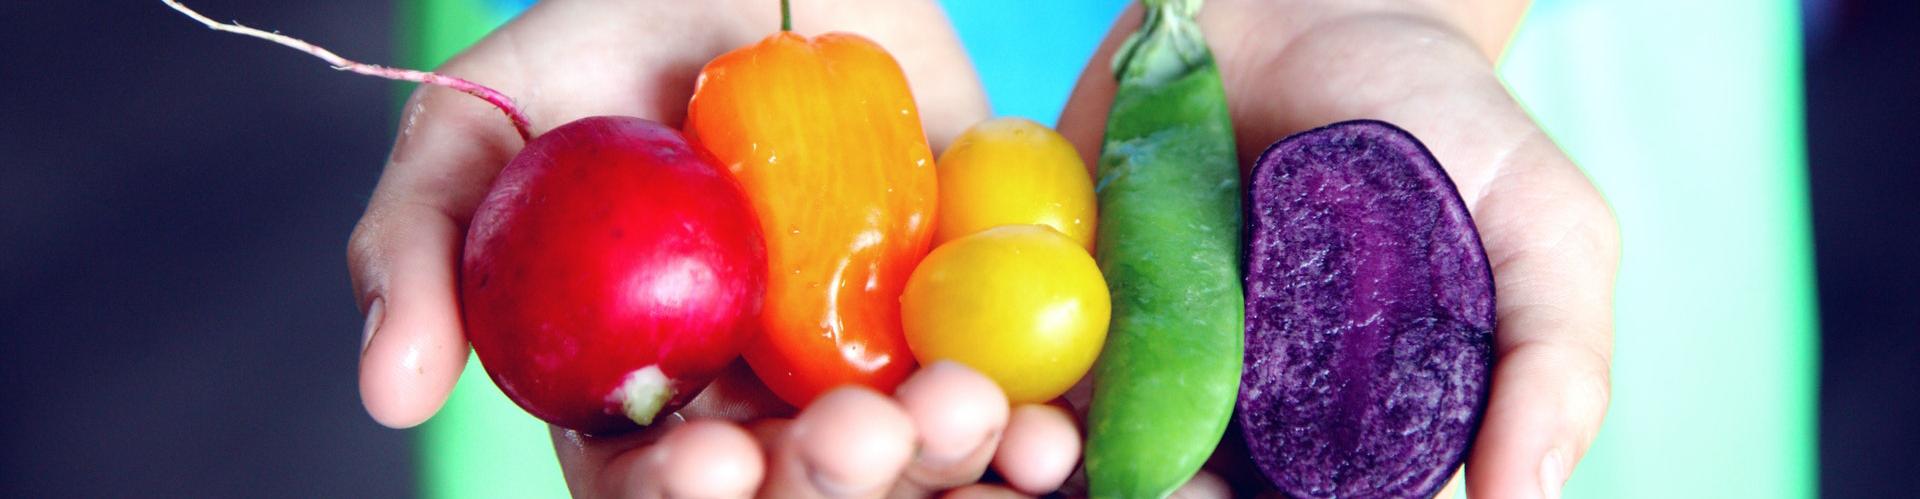 colori, cibo e psicologia